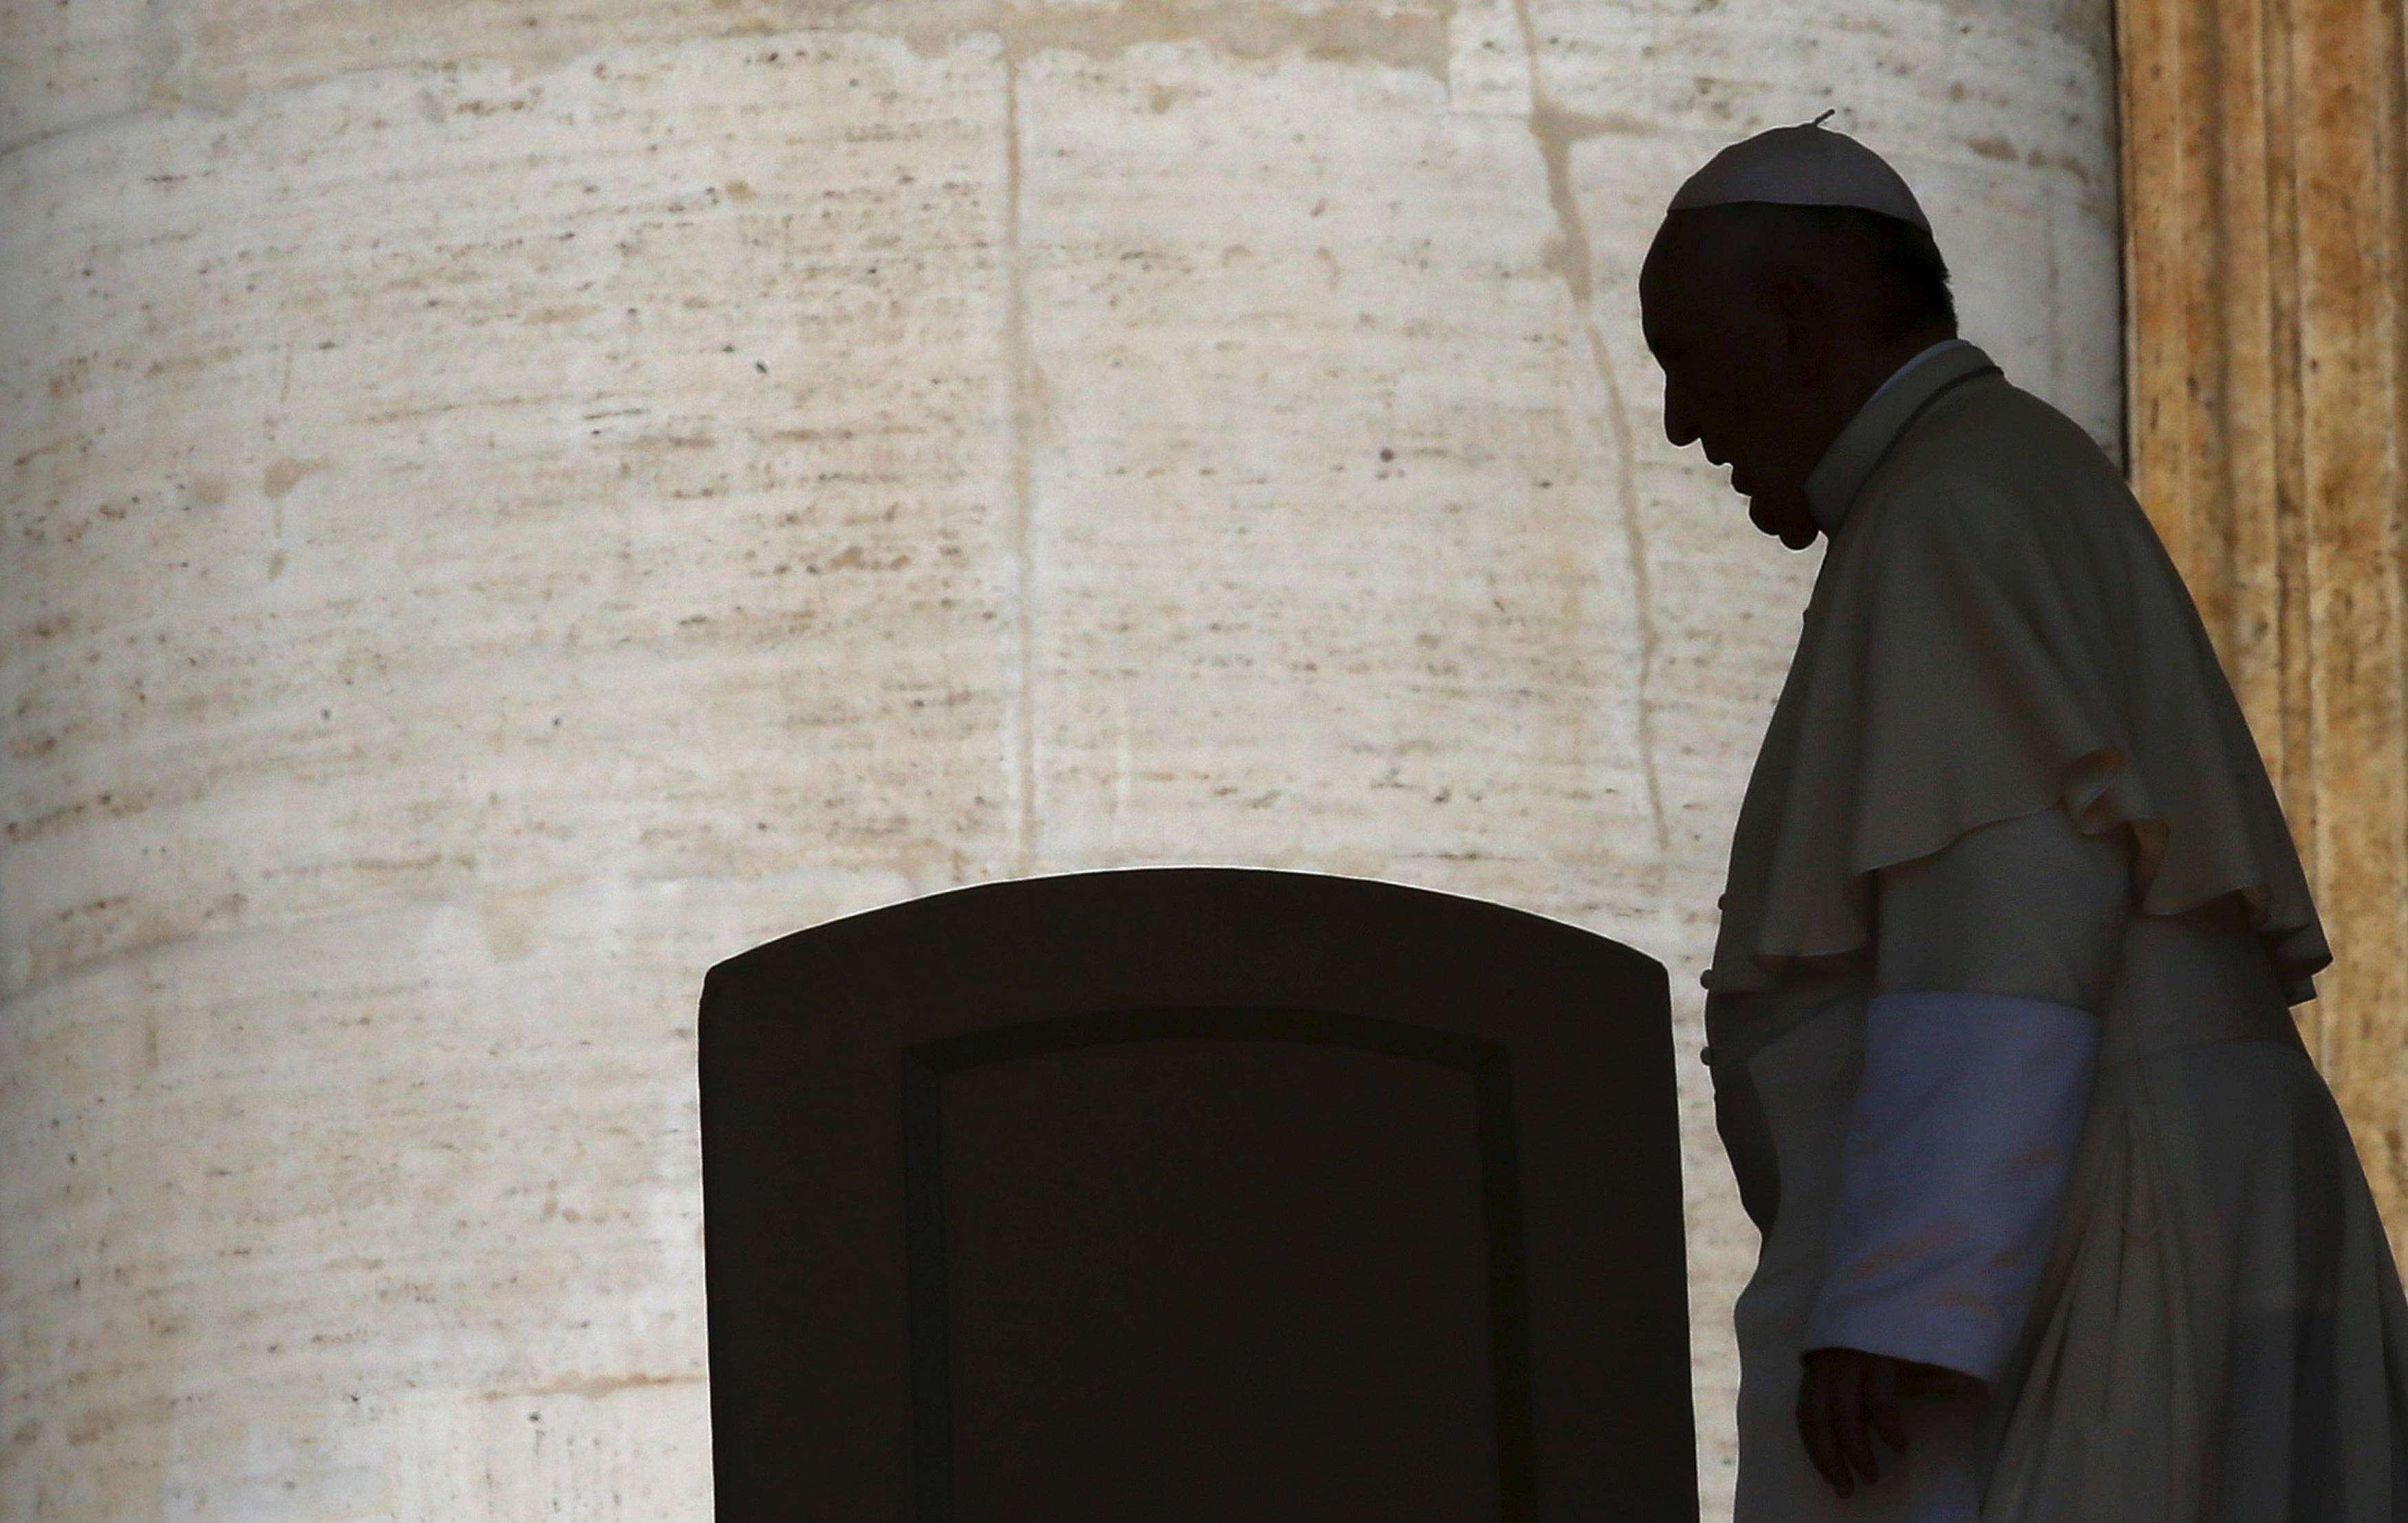 Uma das afirmações dos 19 signatários da carta aberta que, já na introdução, acusam o Francisco de 'incorrer na heresia'.